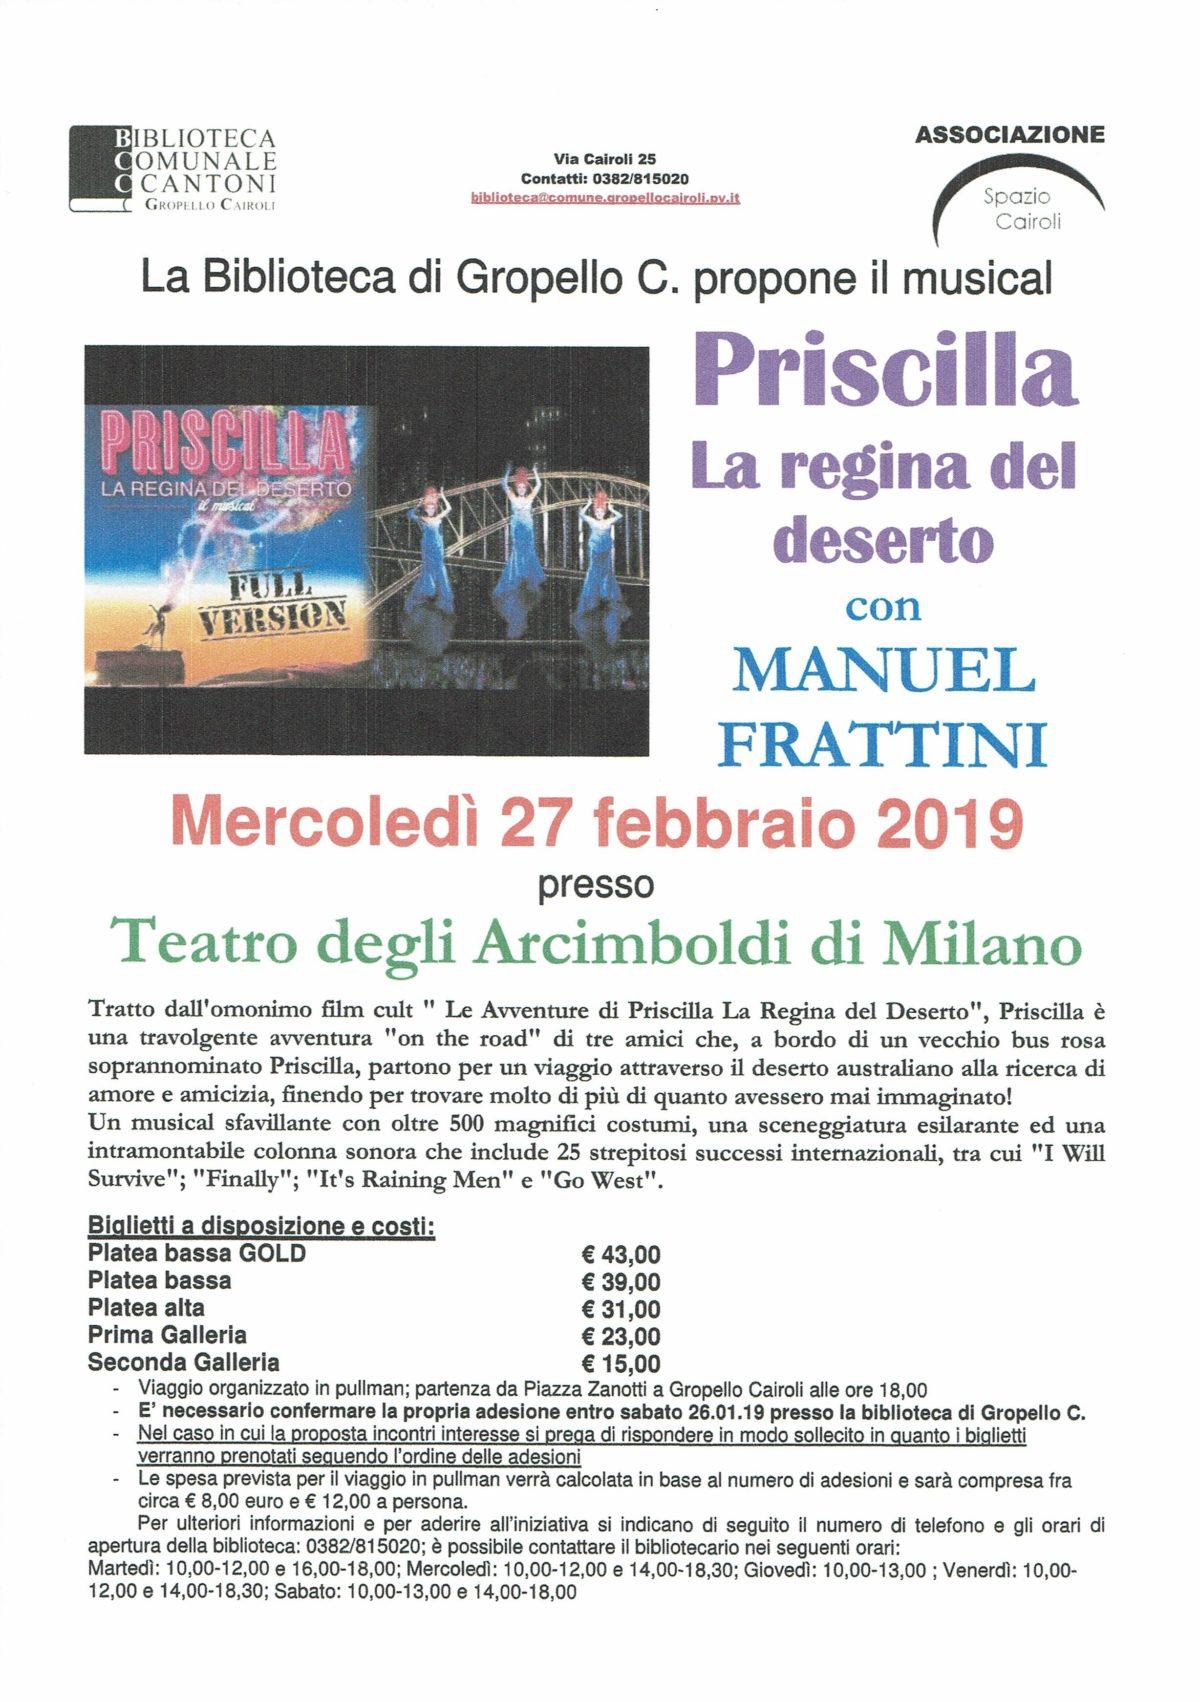 Biblioteca: musical Priscilla al teatro degli Arcimboldi mercoledì 27 febbraio 2019